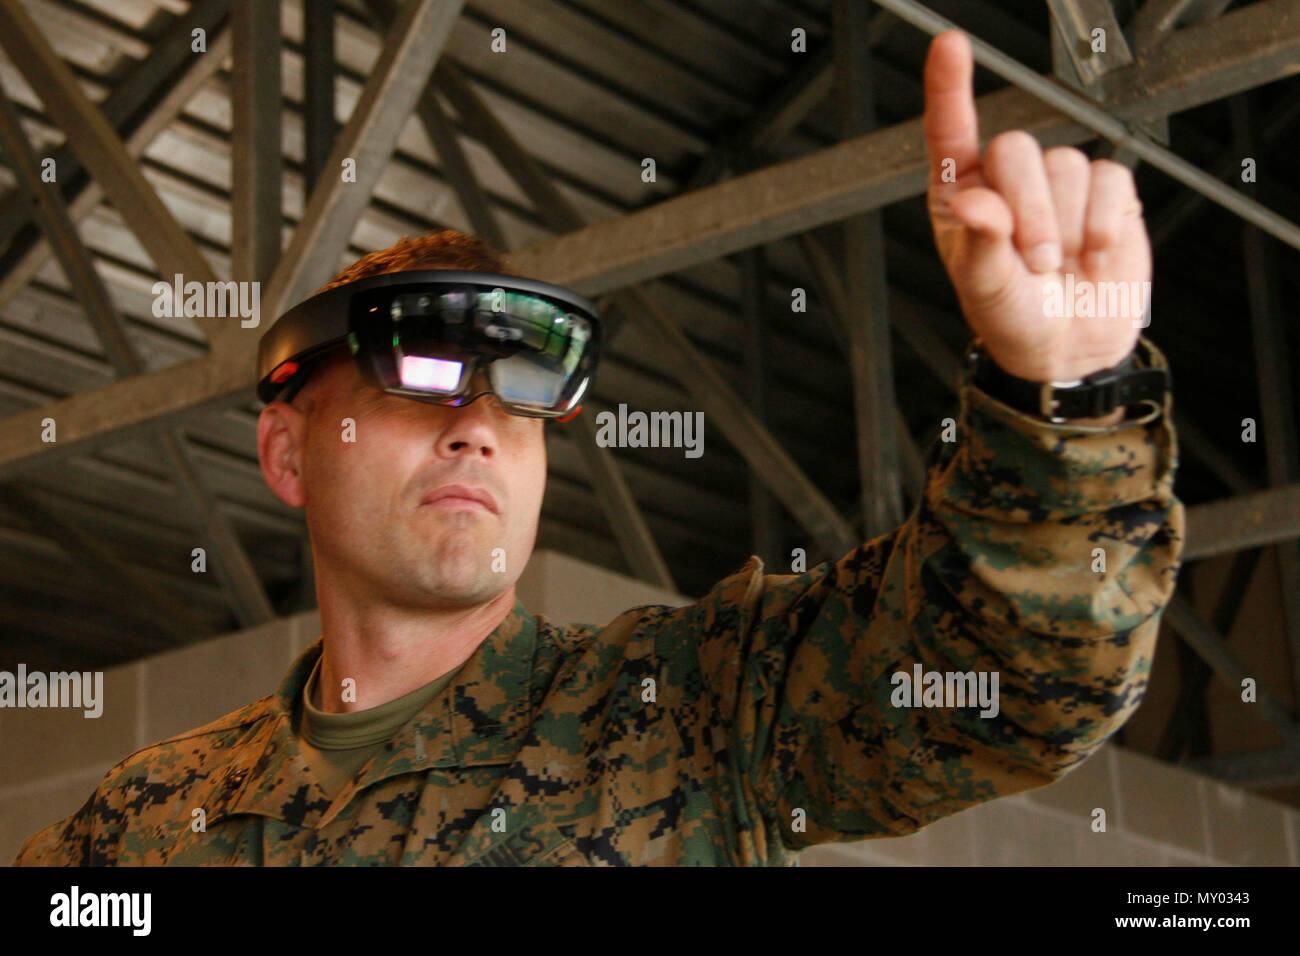 Us Marine Corps Oberstleutnant Marcus Mainz, Bataillonskommandeur, 2.BATAILLON, 6 Marine Regiment, 2nd Marine Division (2d MARDIV), zeigt, wie ein Training simulation Gerät in Camp Lejeune, N.C., Dez. 13, 2016. Generalleutnant John E. Wissler, Kommandierender General, US Marine Corps Forces Command, und Sgt. Maj. Christopher G. Robinson, befehlen Sergeant Major, US Marine Corps Forces Command, besucht eine dienststellenübergreifende Industrie Schulung Simulation und Ausbildung Konferenz kurz auf die verschiedenen Möglichkeiten der virtuellen Ausbildung. (U.S. Marine Corps Foto von Pfc. Michaela Gregory, 2d MARDIV C Stockbild